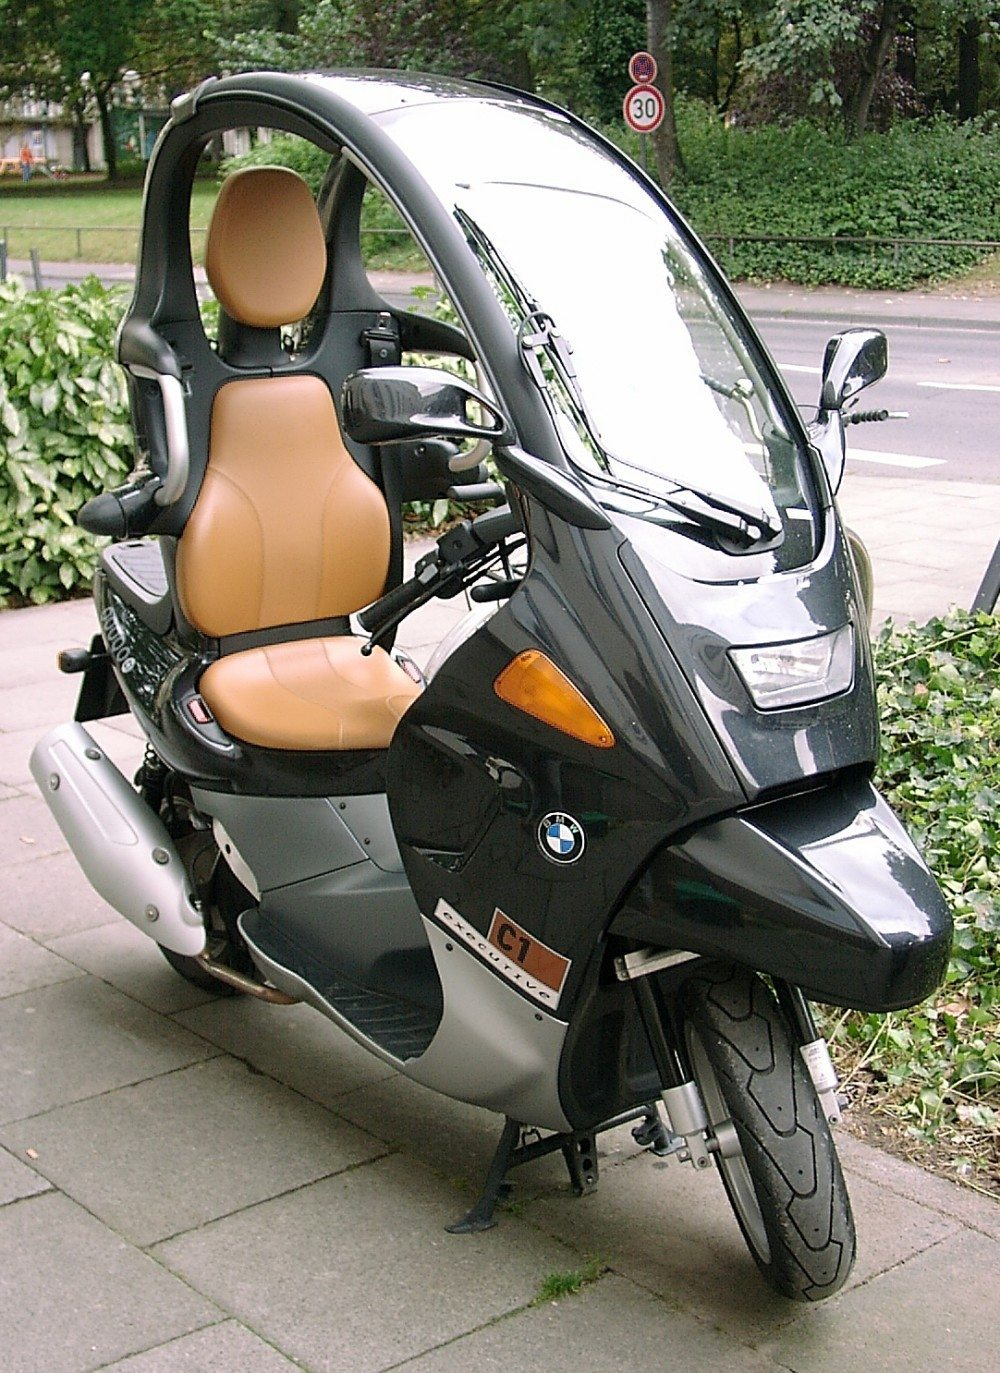 C1 Roller BMW. (Bild: Túrelio / wikimedia.org)